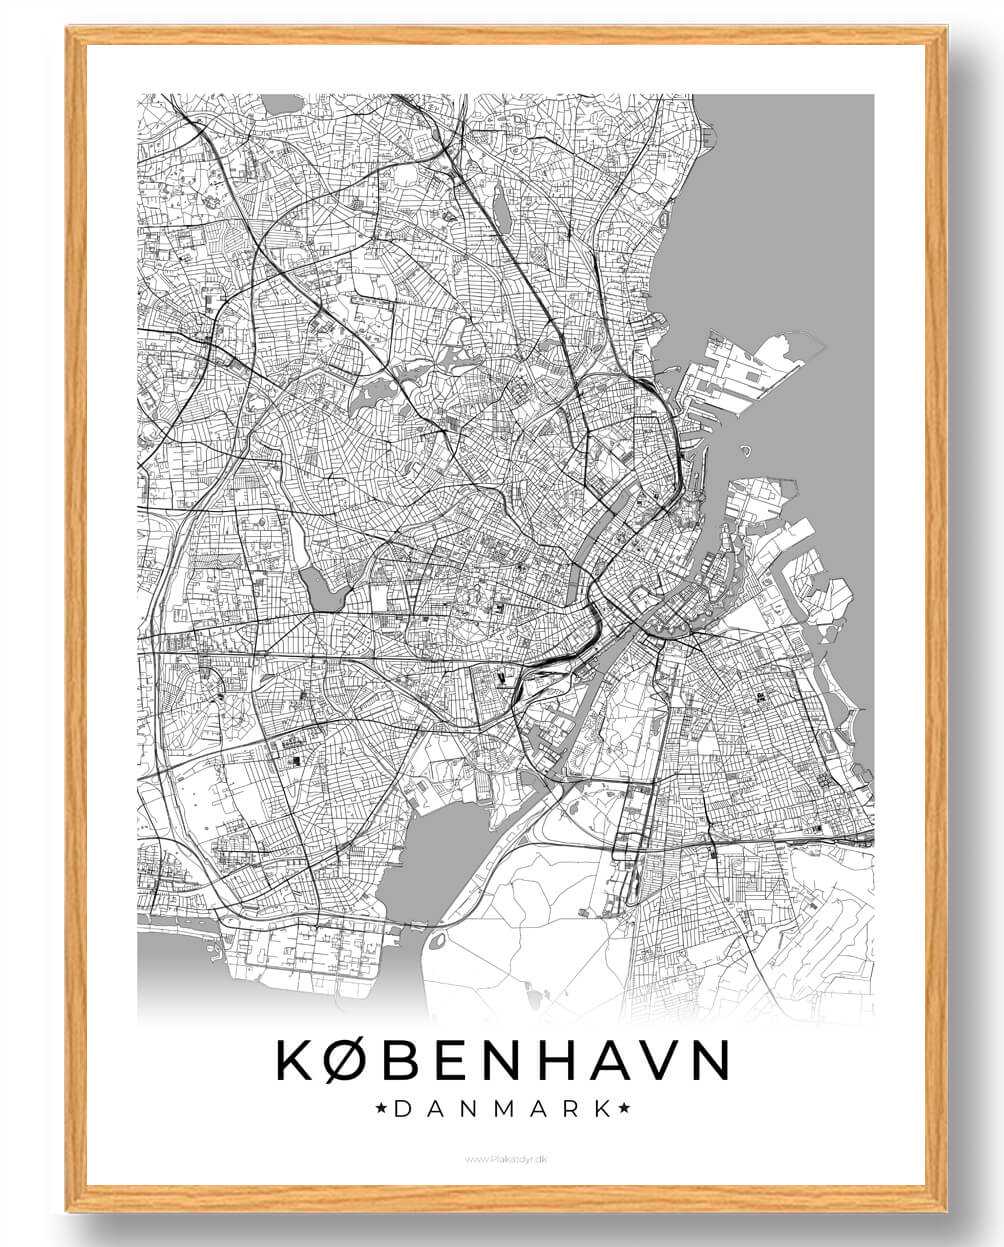 Kob Vores Kobenhavn Plakat Hvid Plakat Online Lynhurtig Og